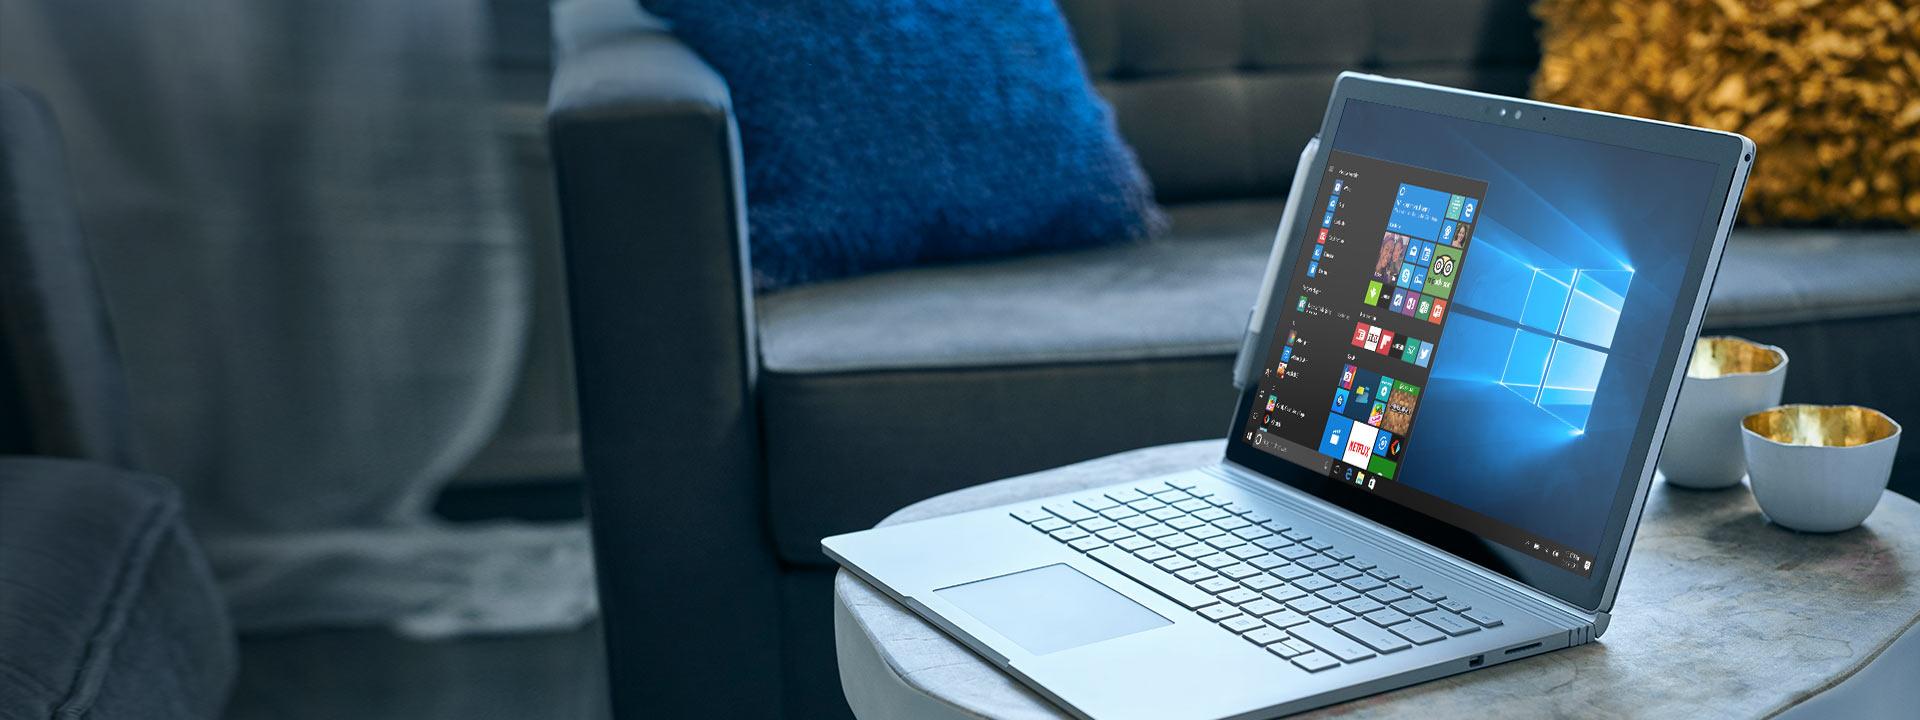 Windows 10 Erwerben